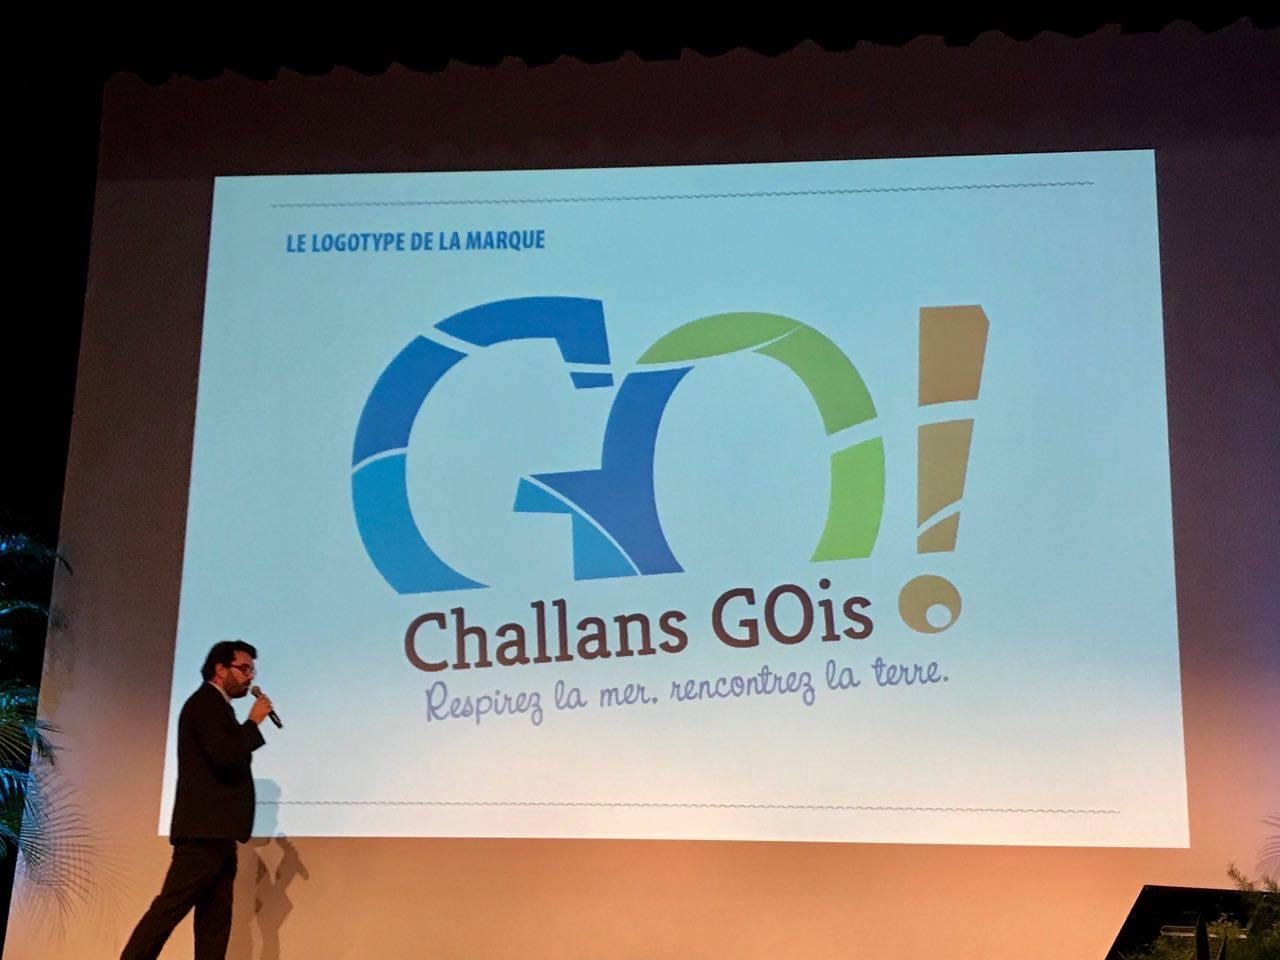 Nieuwe logo Challans Gois tourisme